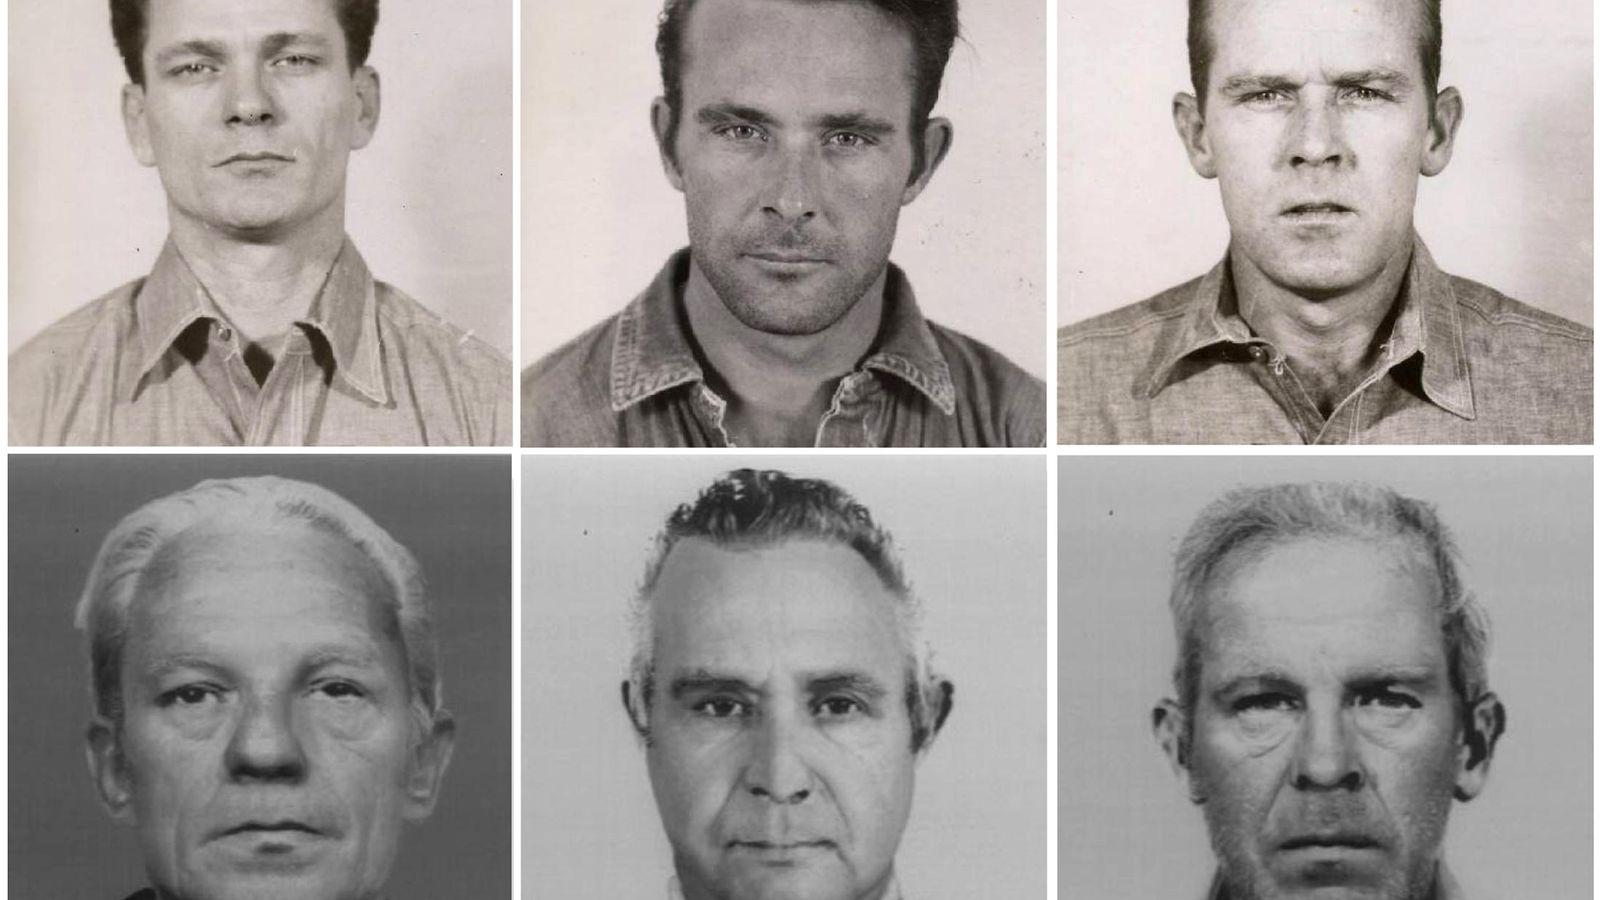 Foto: Arriba, las fotos de los presos huidos: Frank Morris, Clarence Anglis y John Anglis. Abajo, su supuesto rostro con el paso de los años (Reuters)